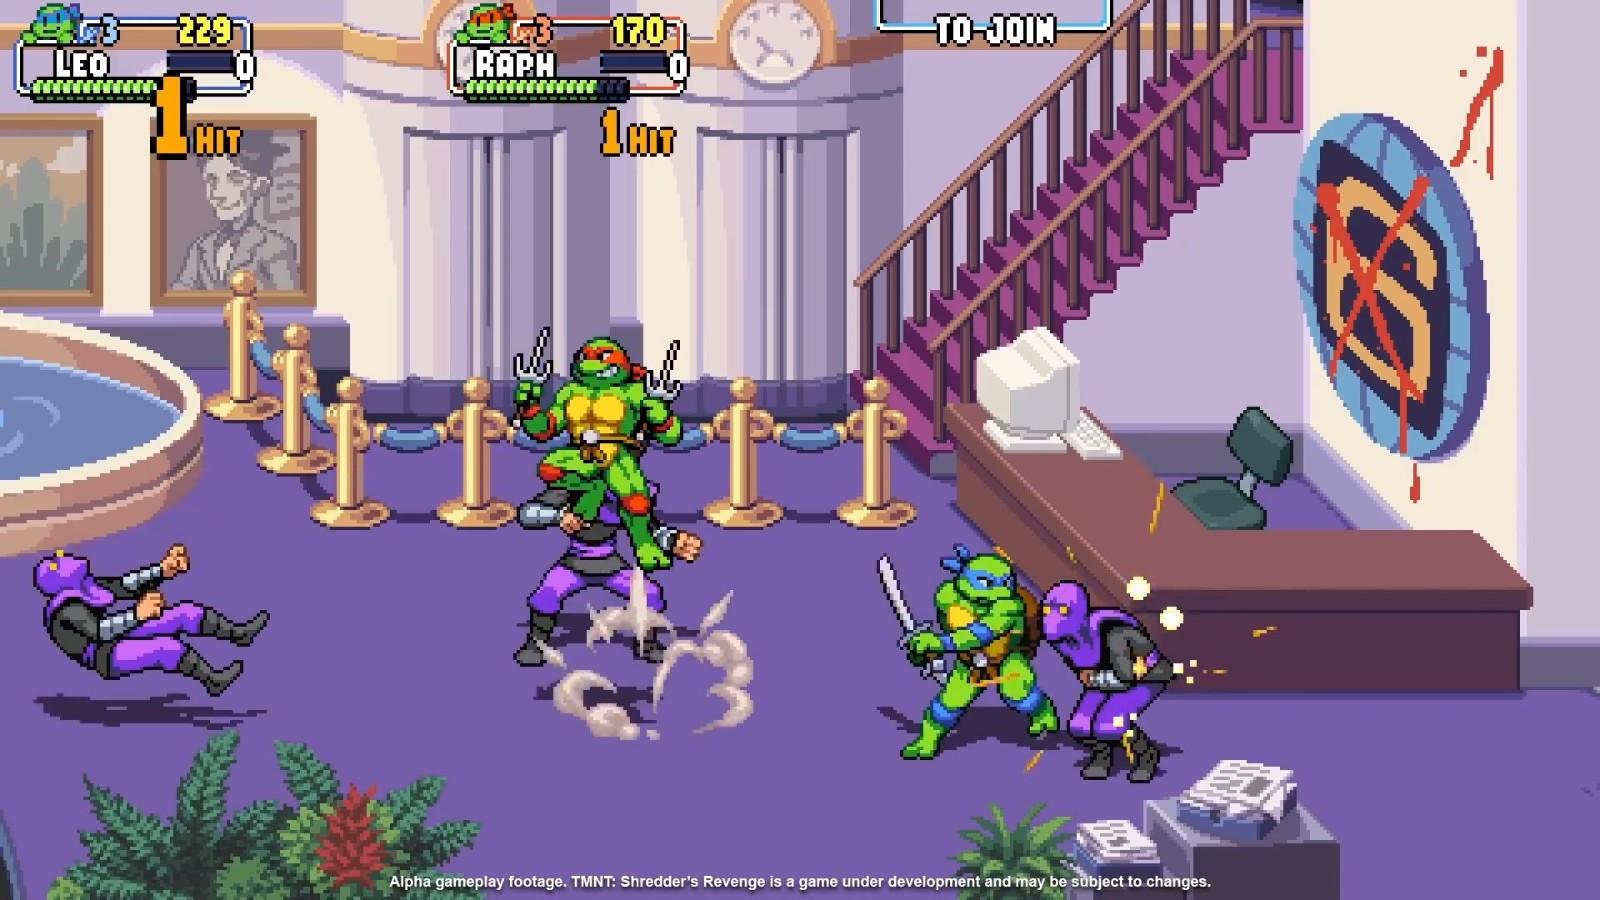 《忍者神龟:施莱德的复仇》将出席科隆展 展示全新内  第2张